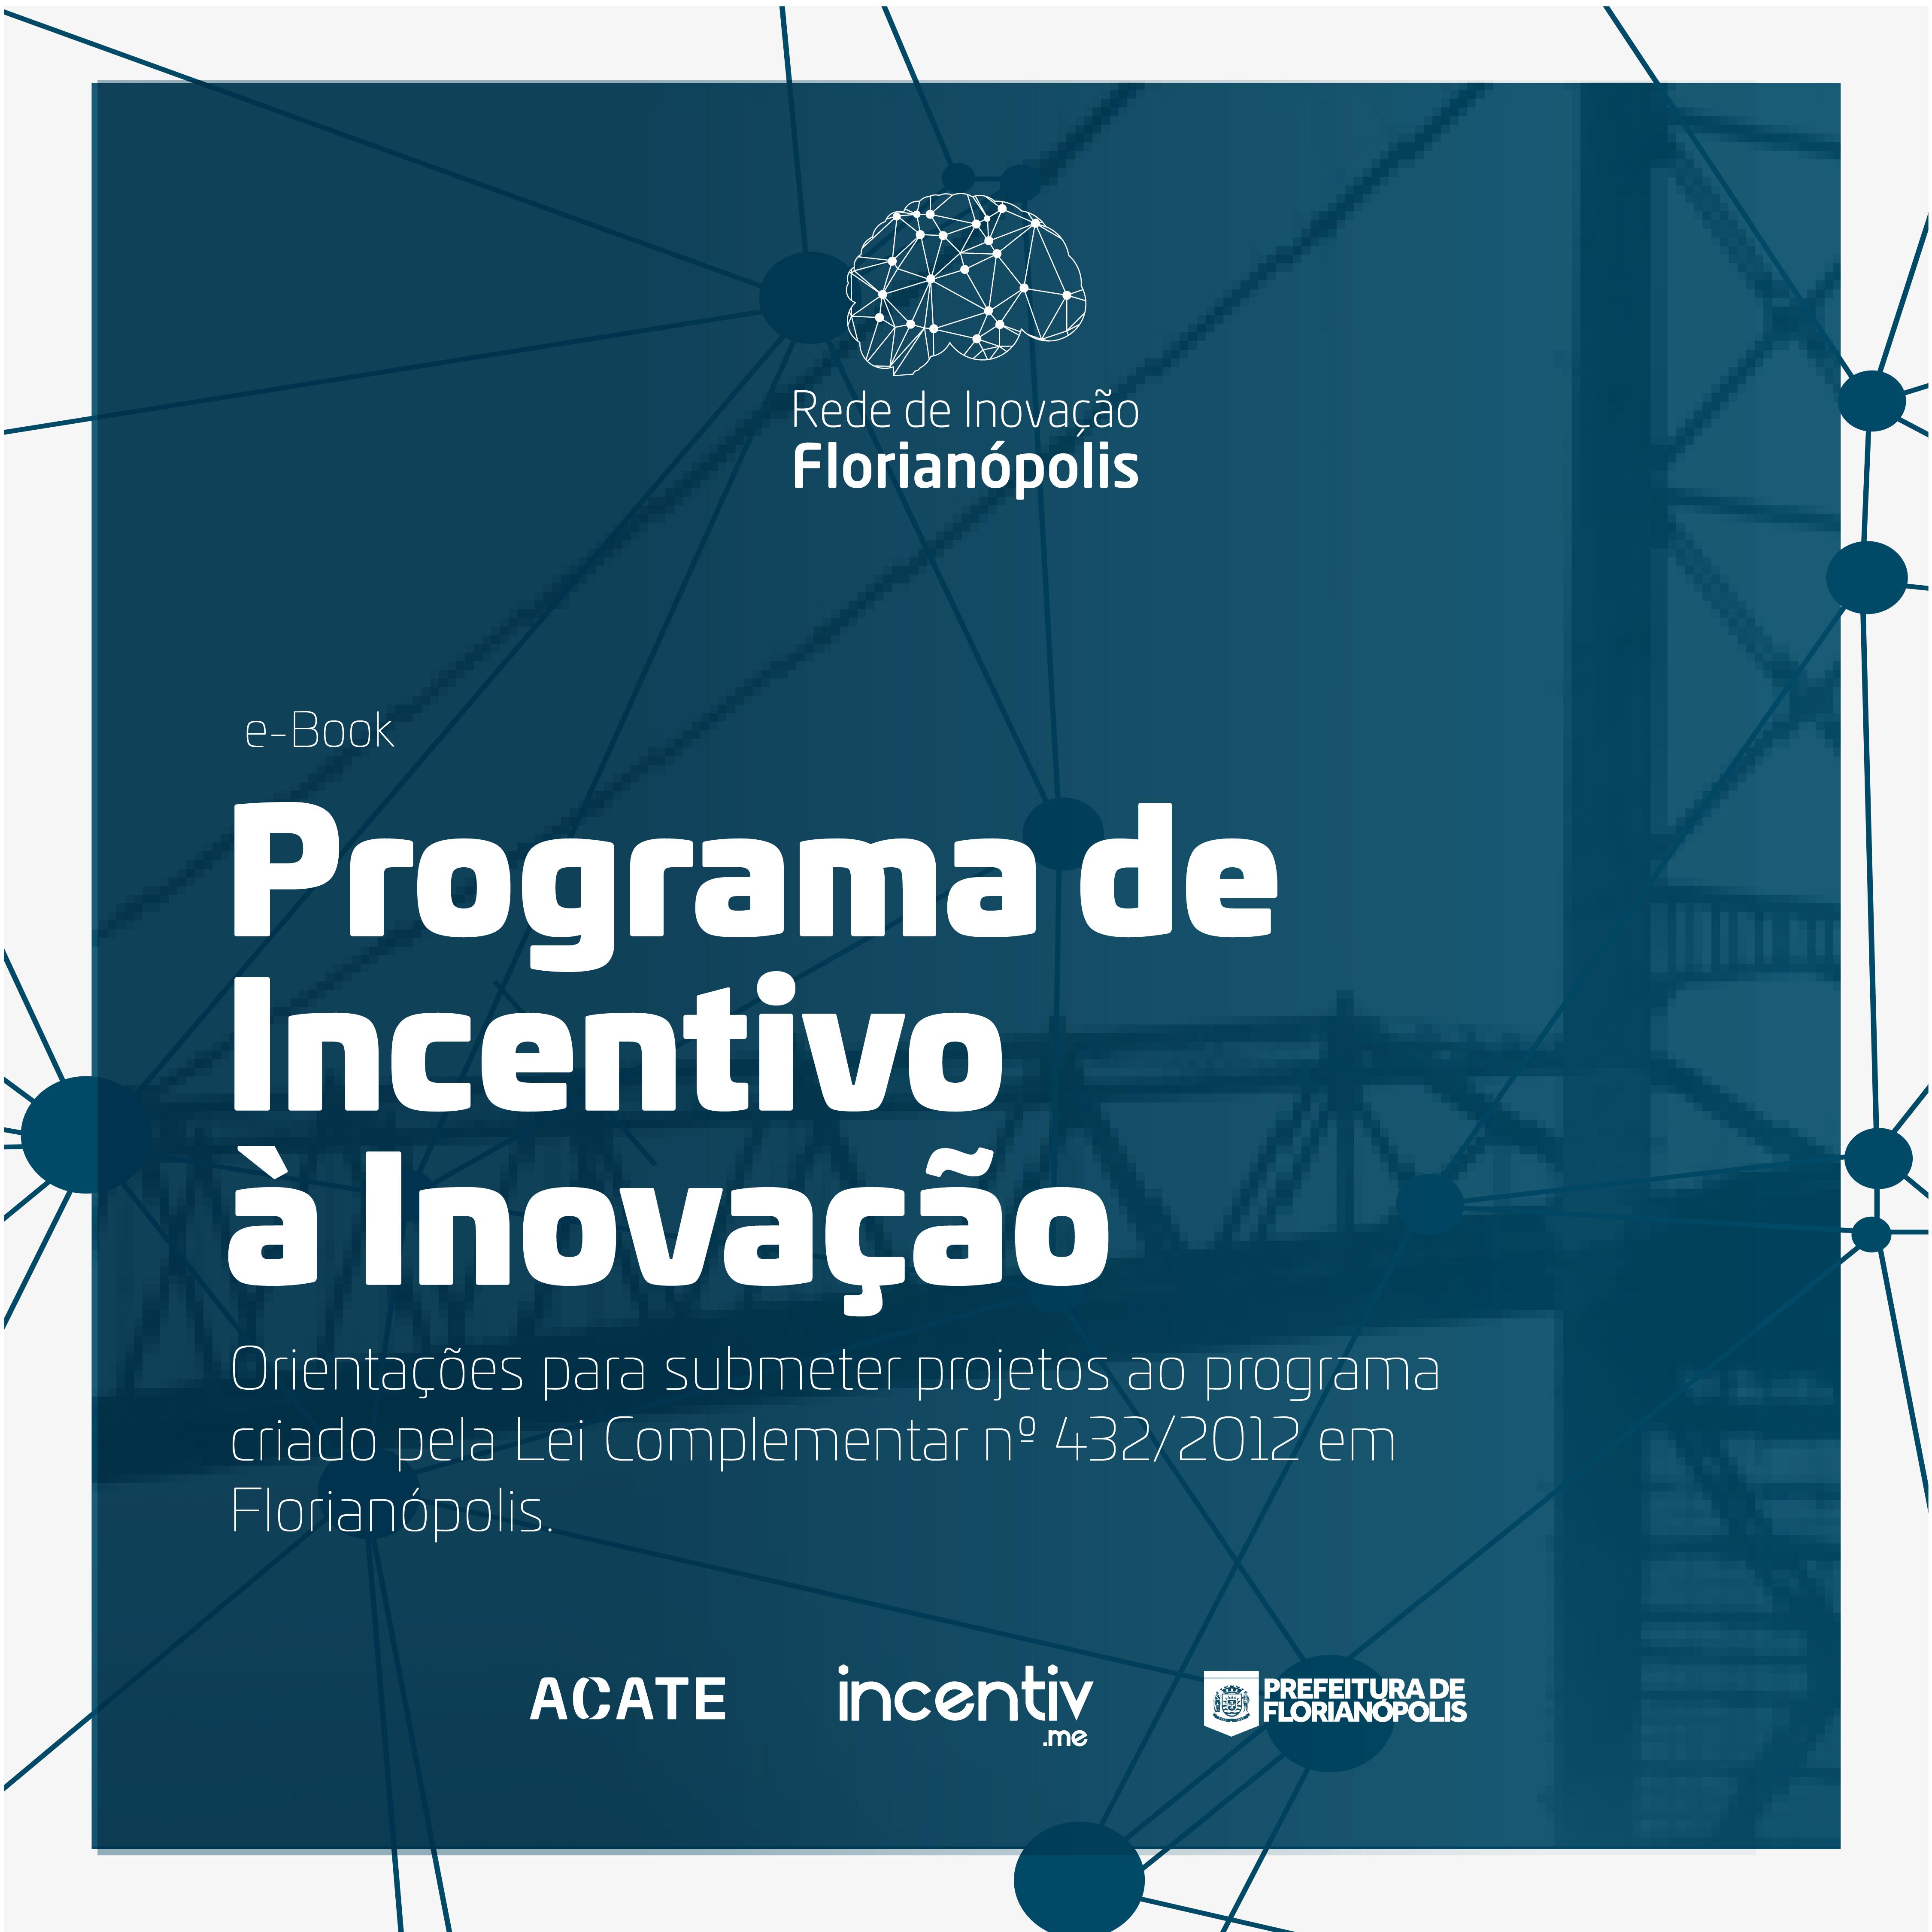 Conheça dicas valiosas sobre como submeter projetos ao Programa de Incentivo à Inovação